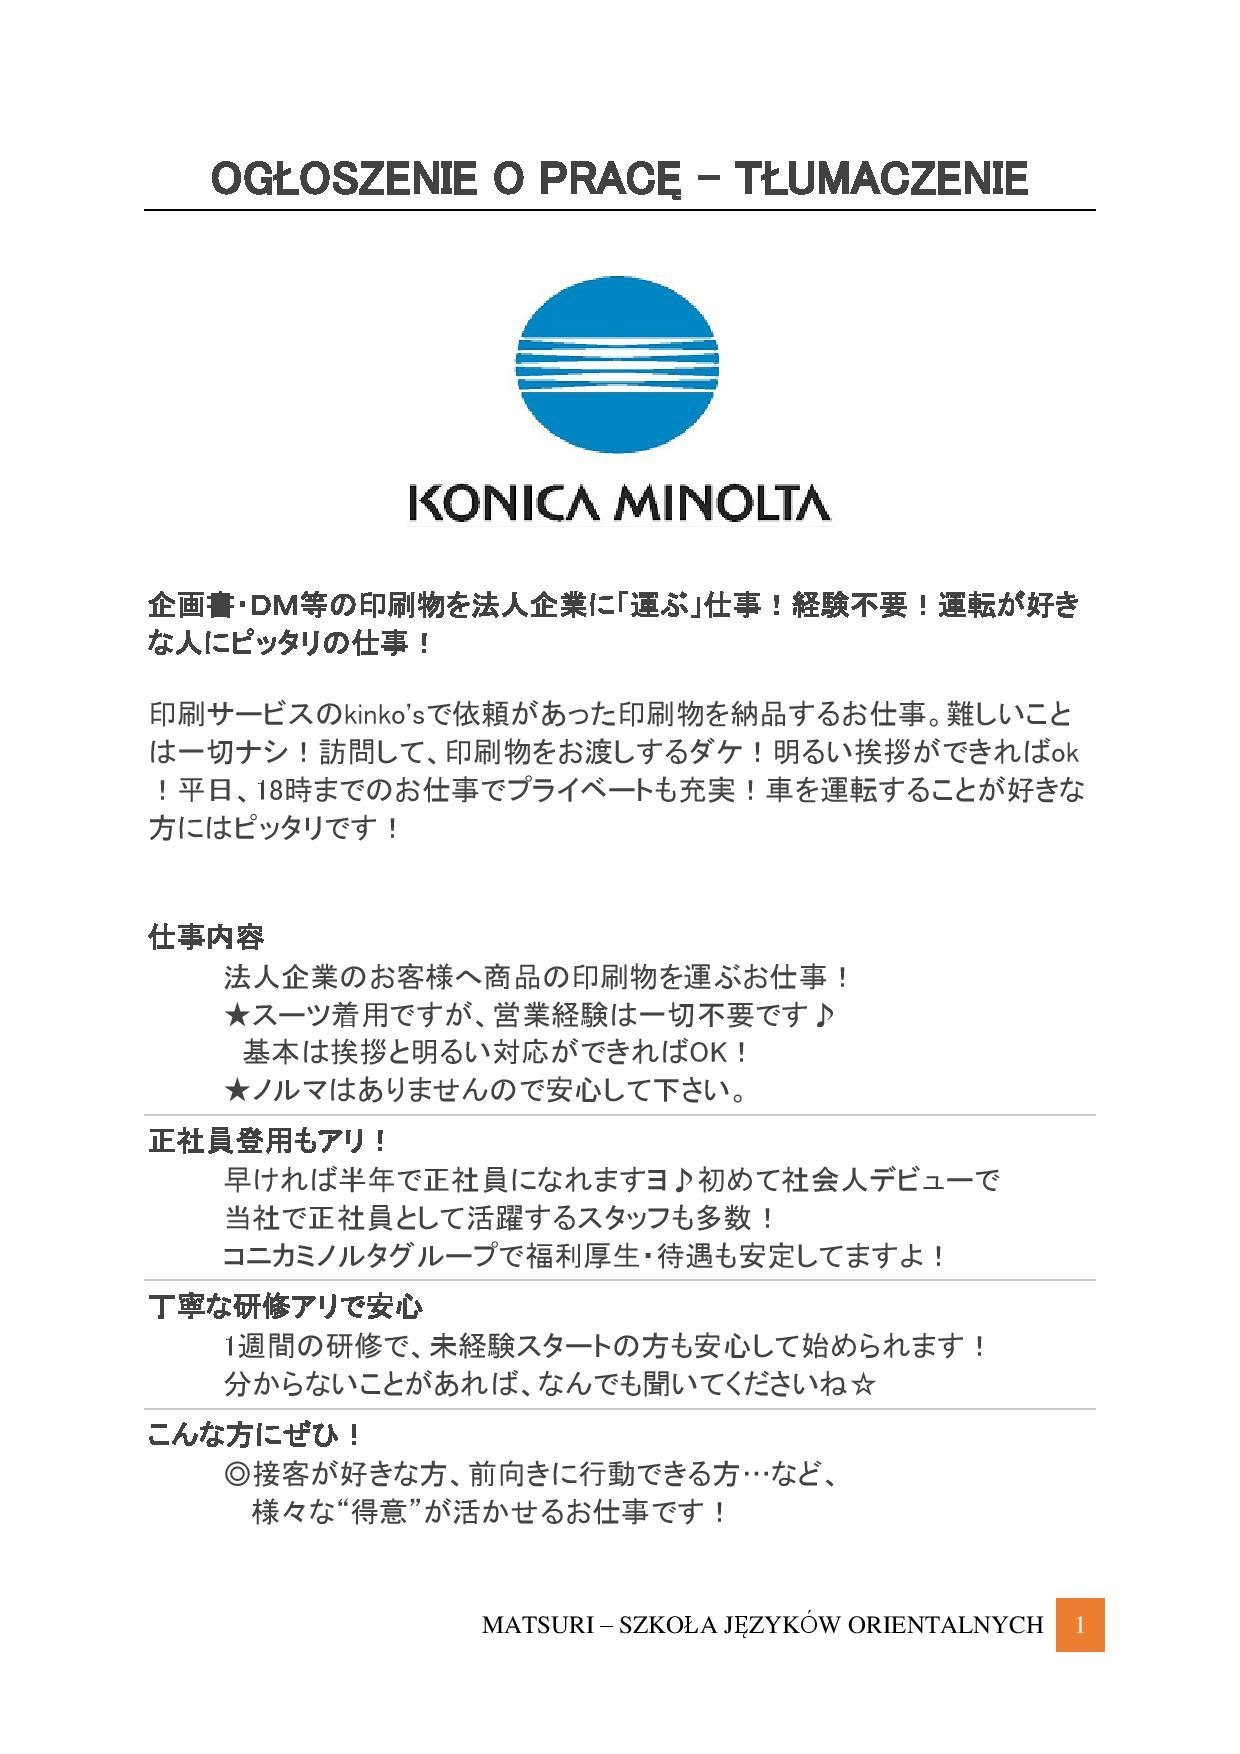 Ogłoszenie o pracę - przykładowe tłumaczenie (poziom średnio-zaawansowany)-page-001